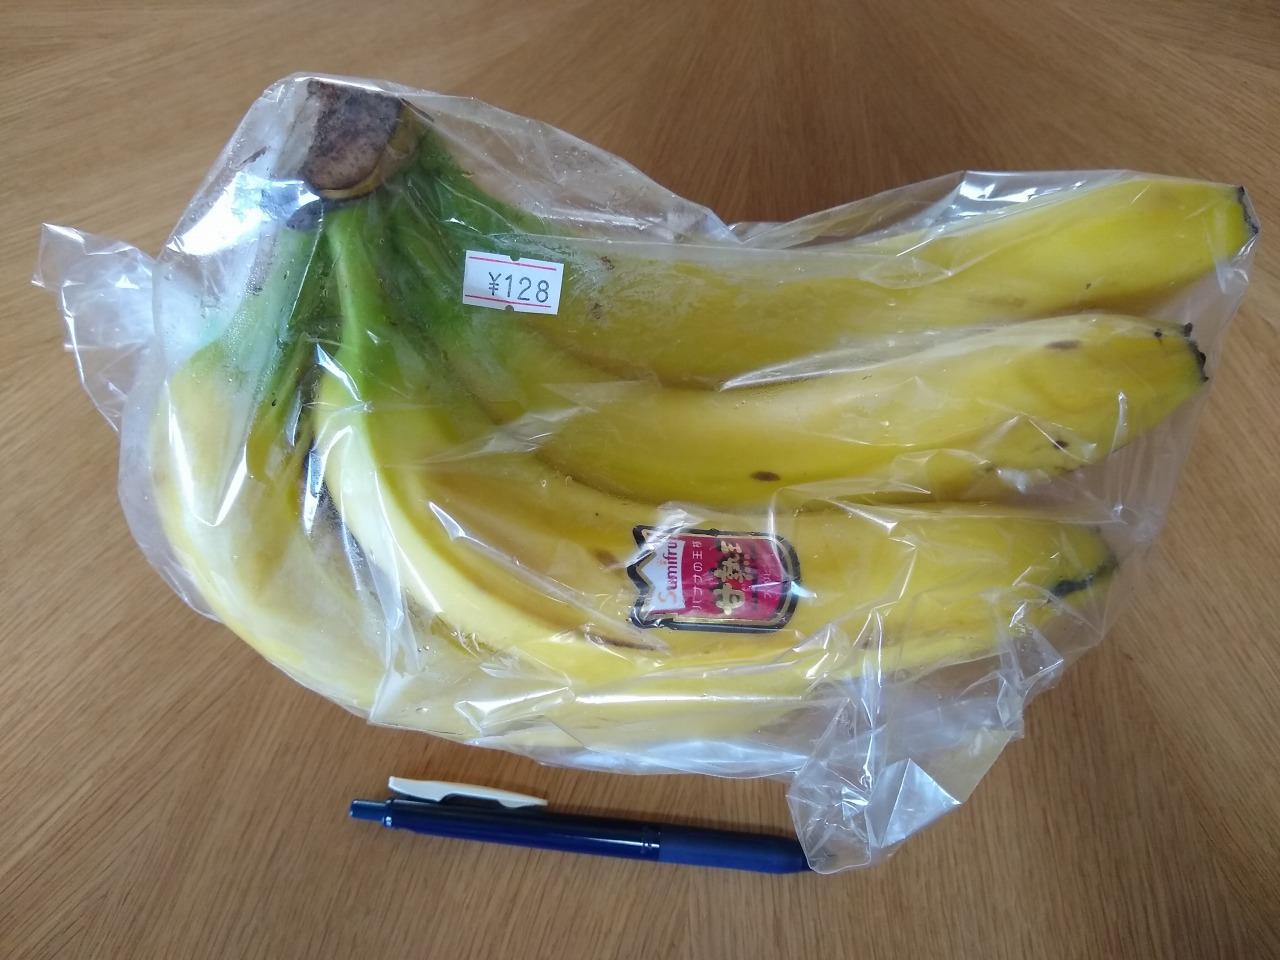 綱島駅前セブンイレブン購入のバナナ